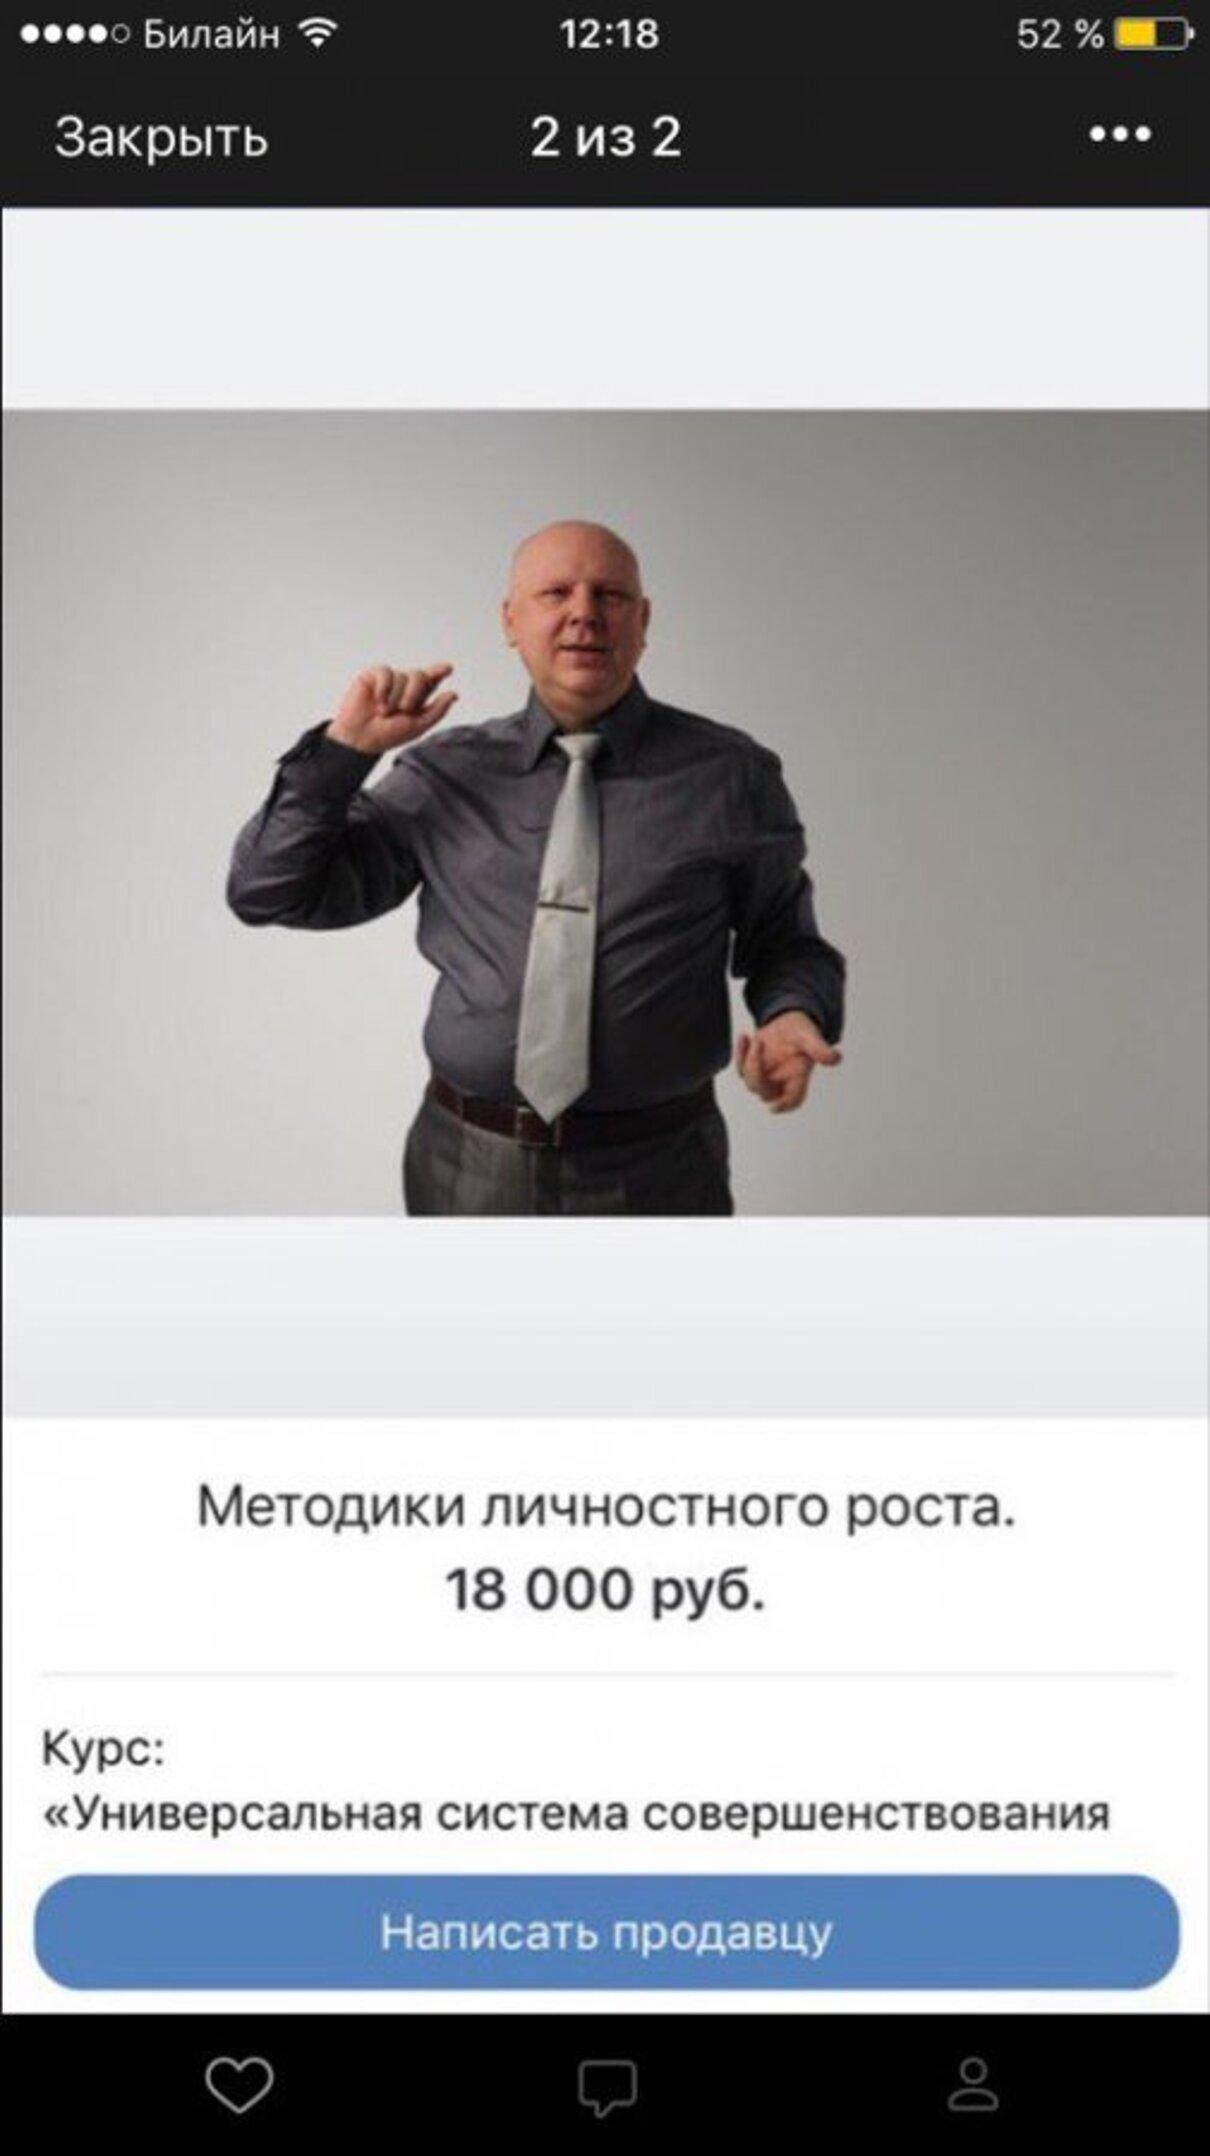 Жалоба-отзыв: ЩЕЛКОНОГОВ МИХАИЛ НИКОЛАЕВИЧ - НЕ ПЛАТИТ ПО ДОГОВОРУ.  Фото №5